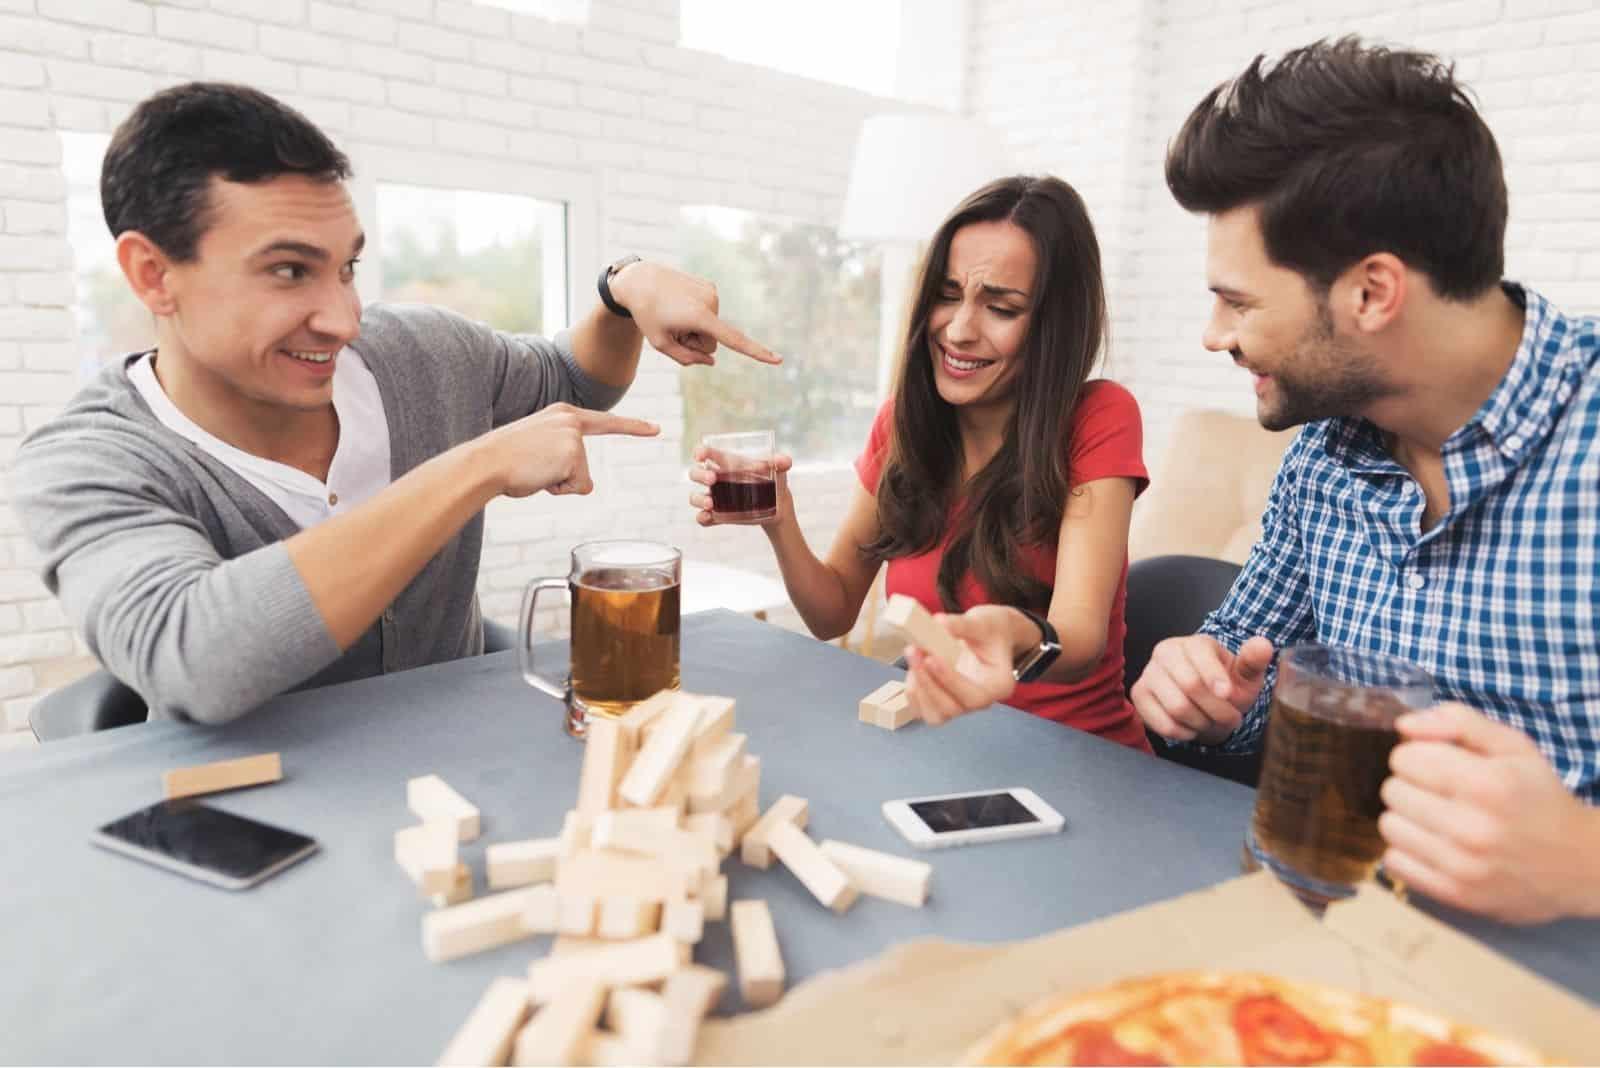 junge Leute spielen Jenga-Spiel mit Getränken und sie haben Spaß